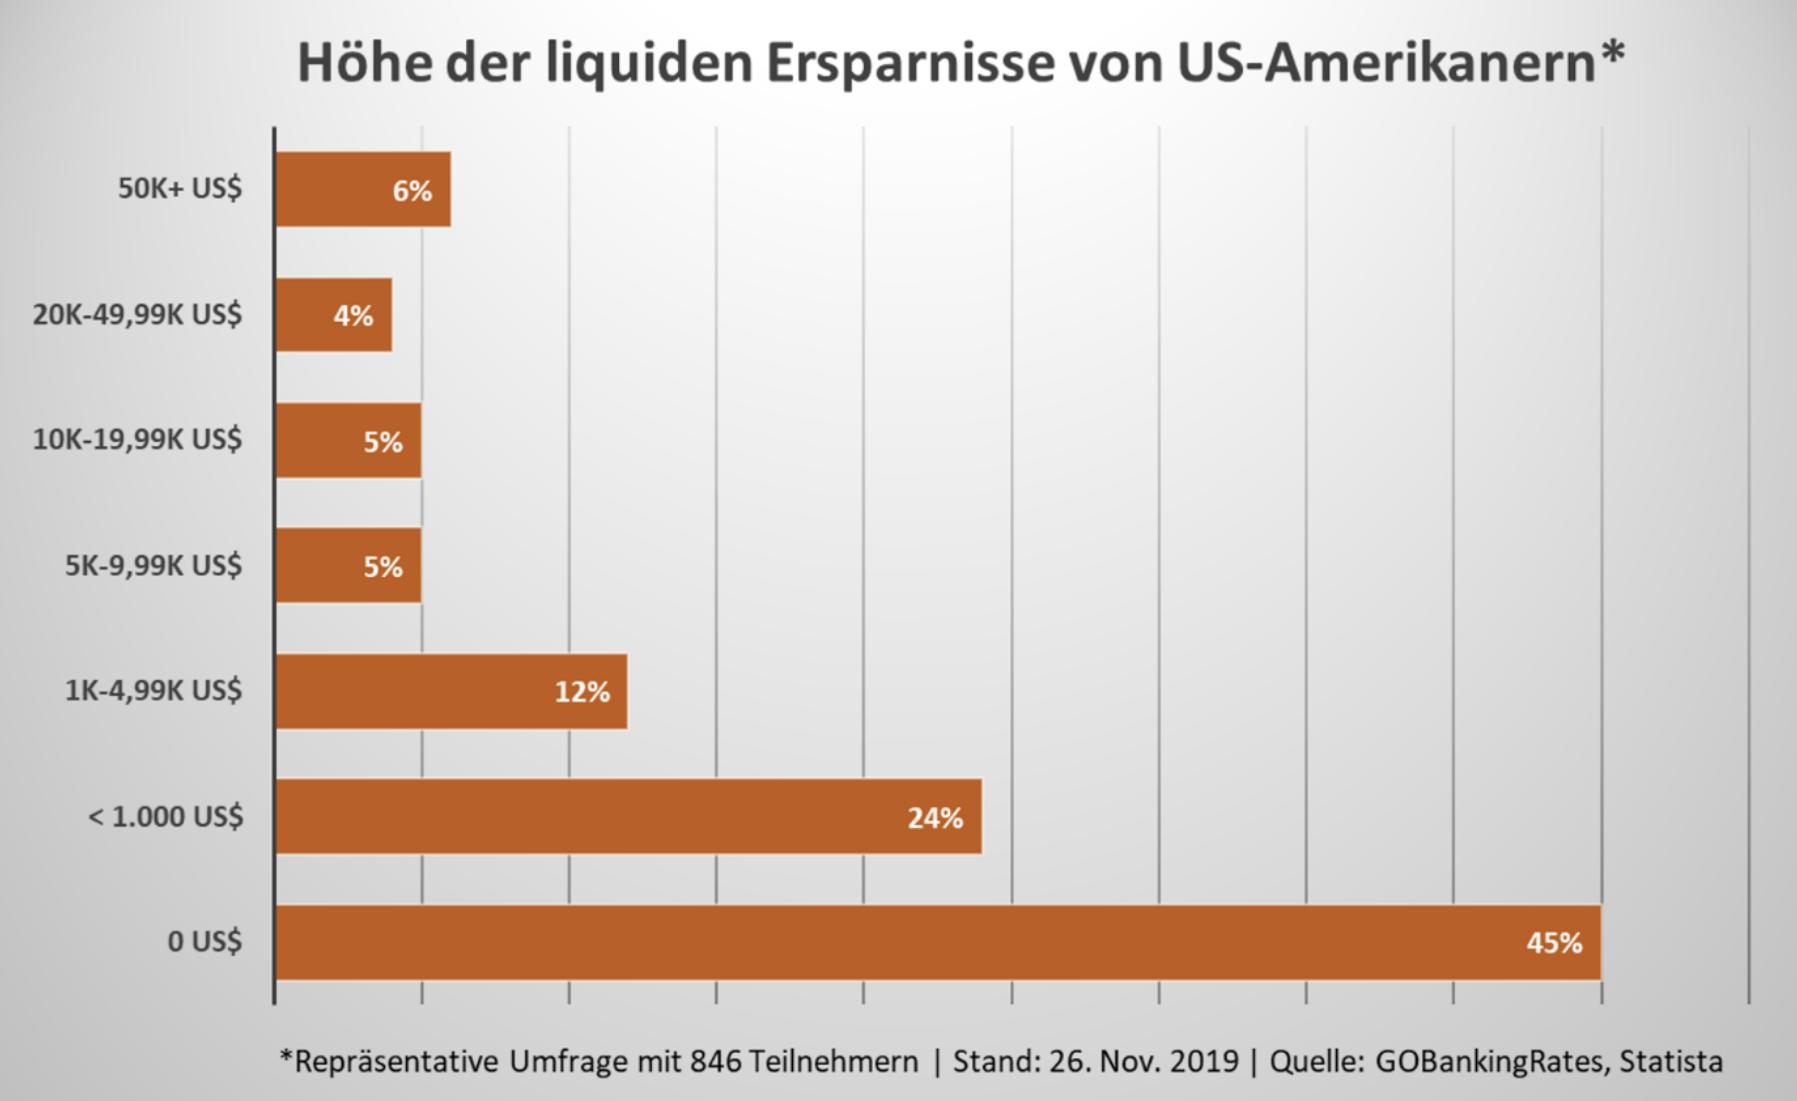 Liquide Ersparnisse der Einwohner in den USA